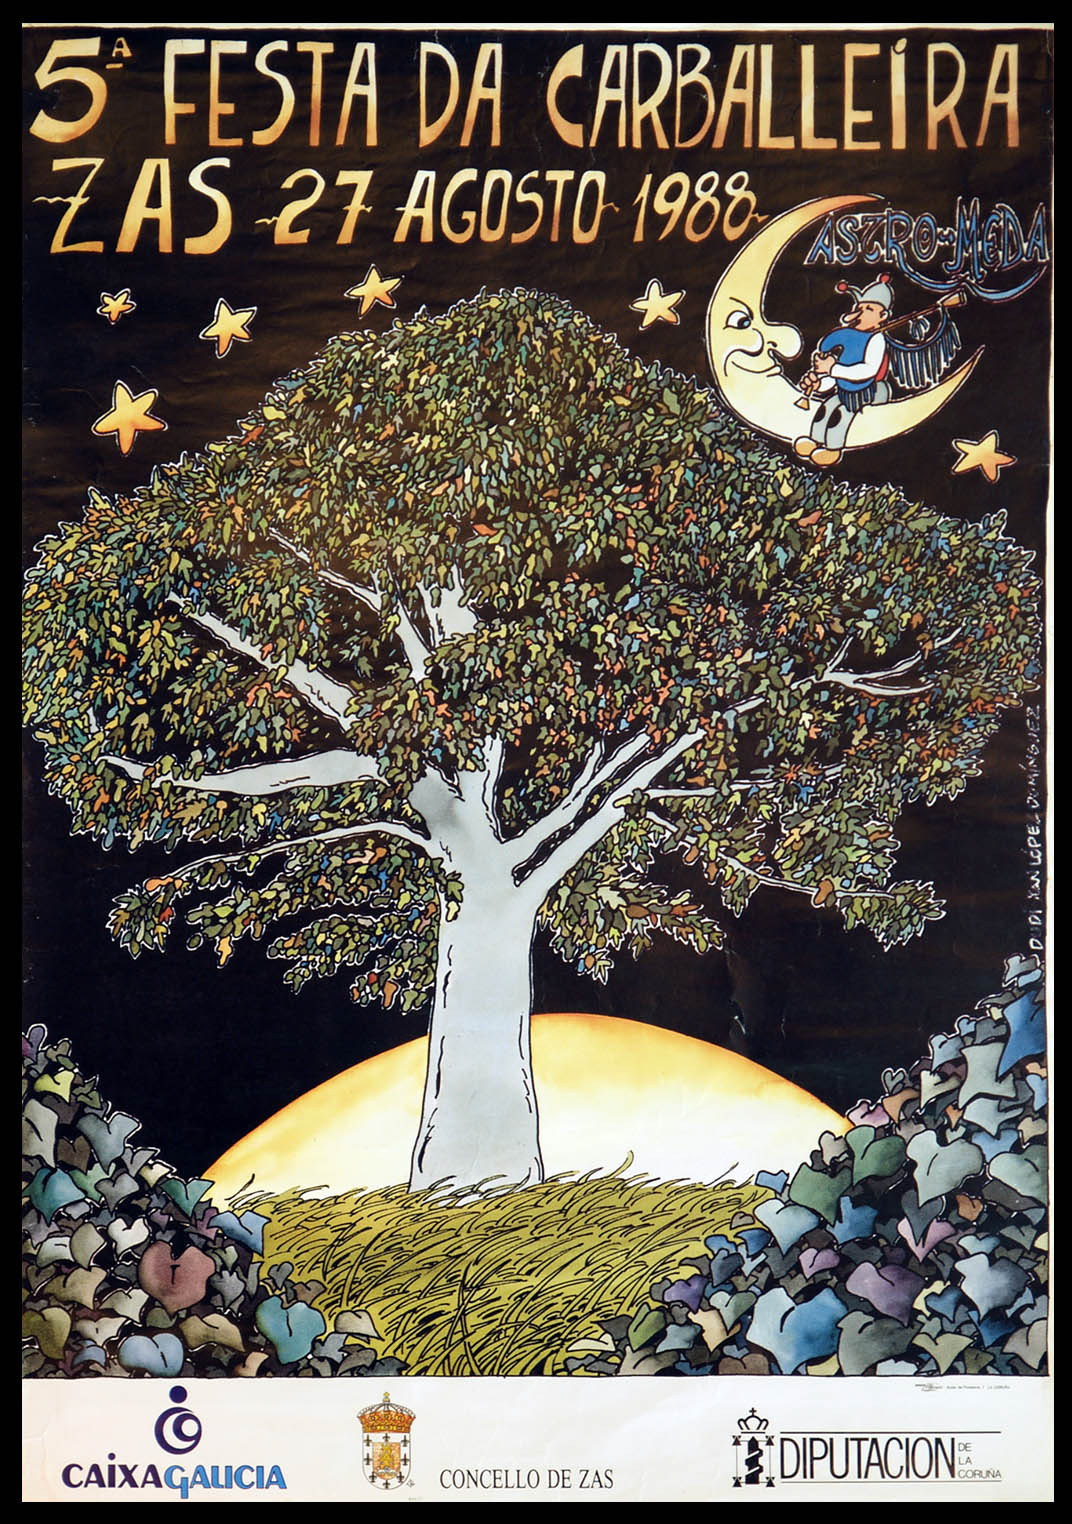 Cartel Festa Carballeira 1988